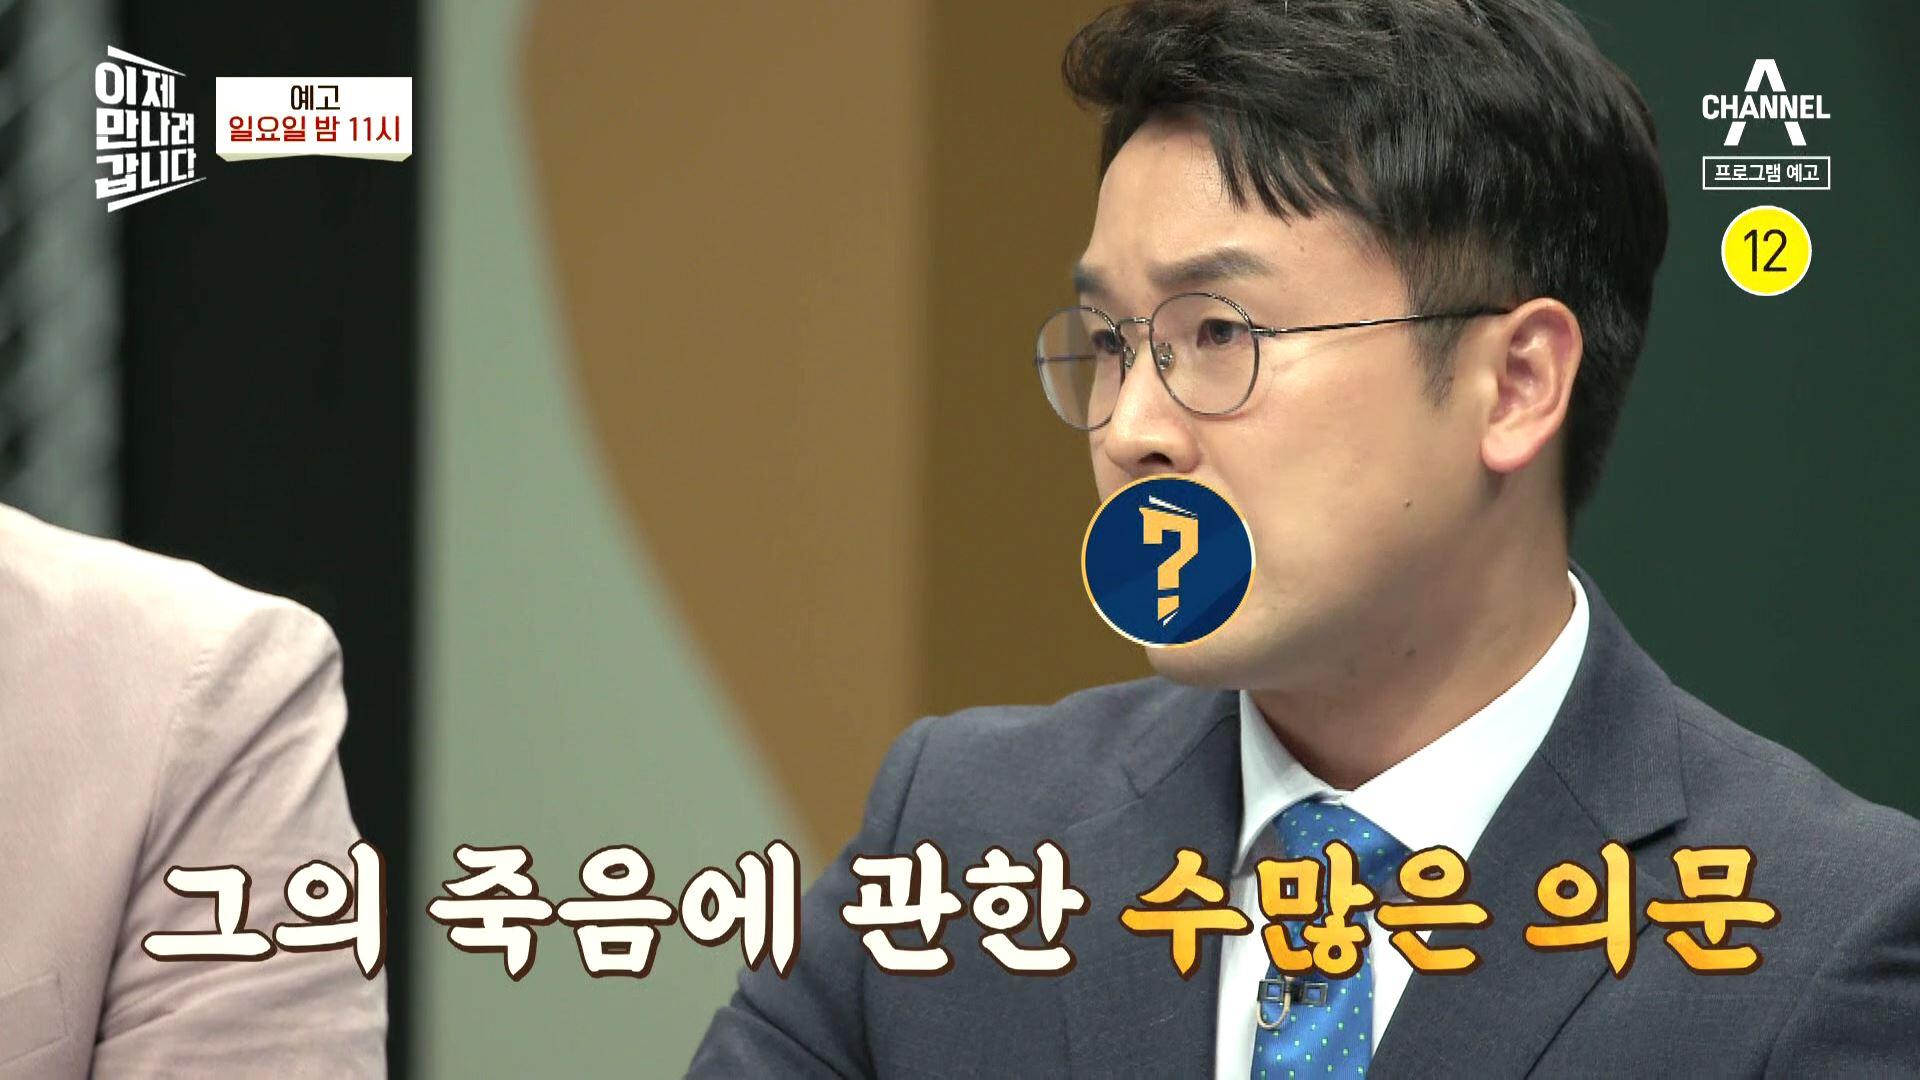 [예고] 북한의 역사가 망명했다?! 황장엽 망명 사건